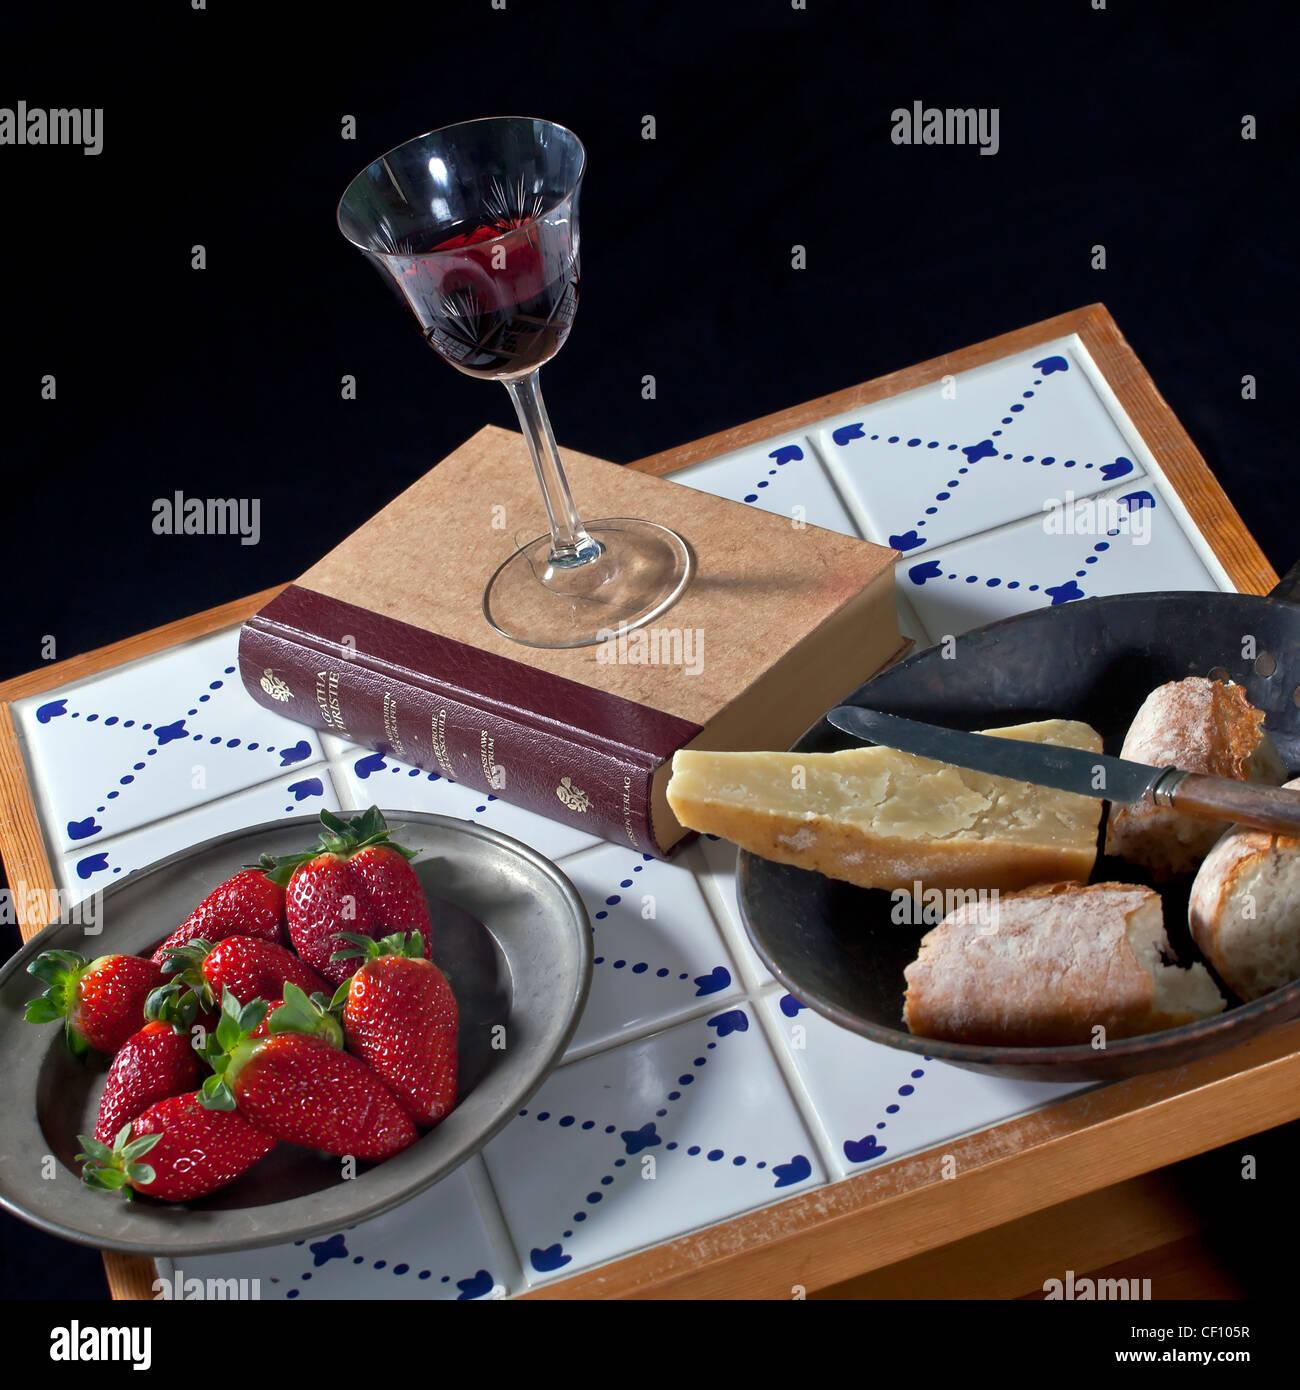 Acogedor snack: un libro sobre una mesa hecha de antiguos azulejos con vino tinto, fresas, queso y pan Imagen De Stock